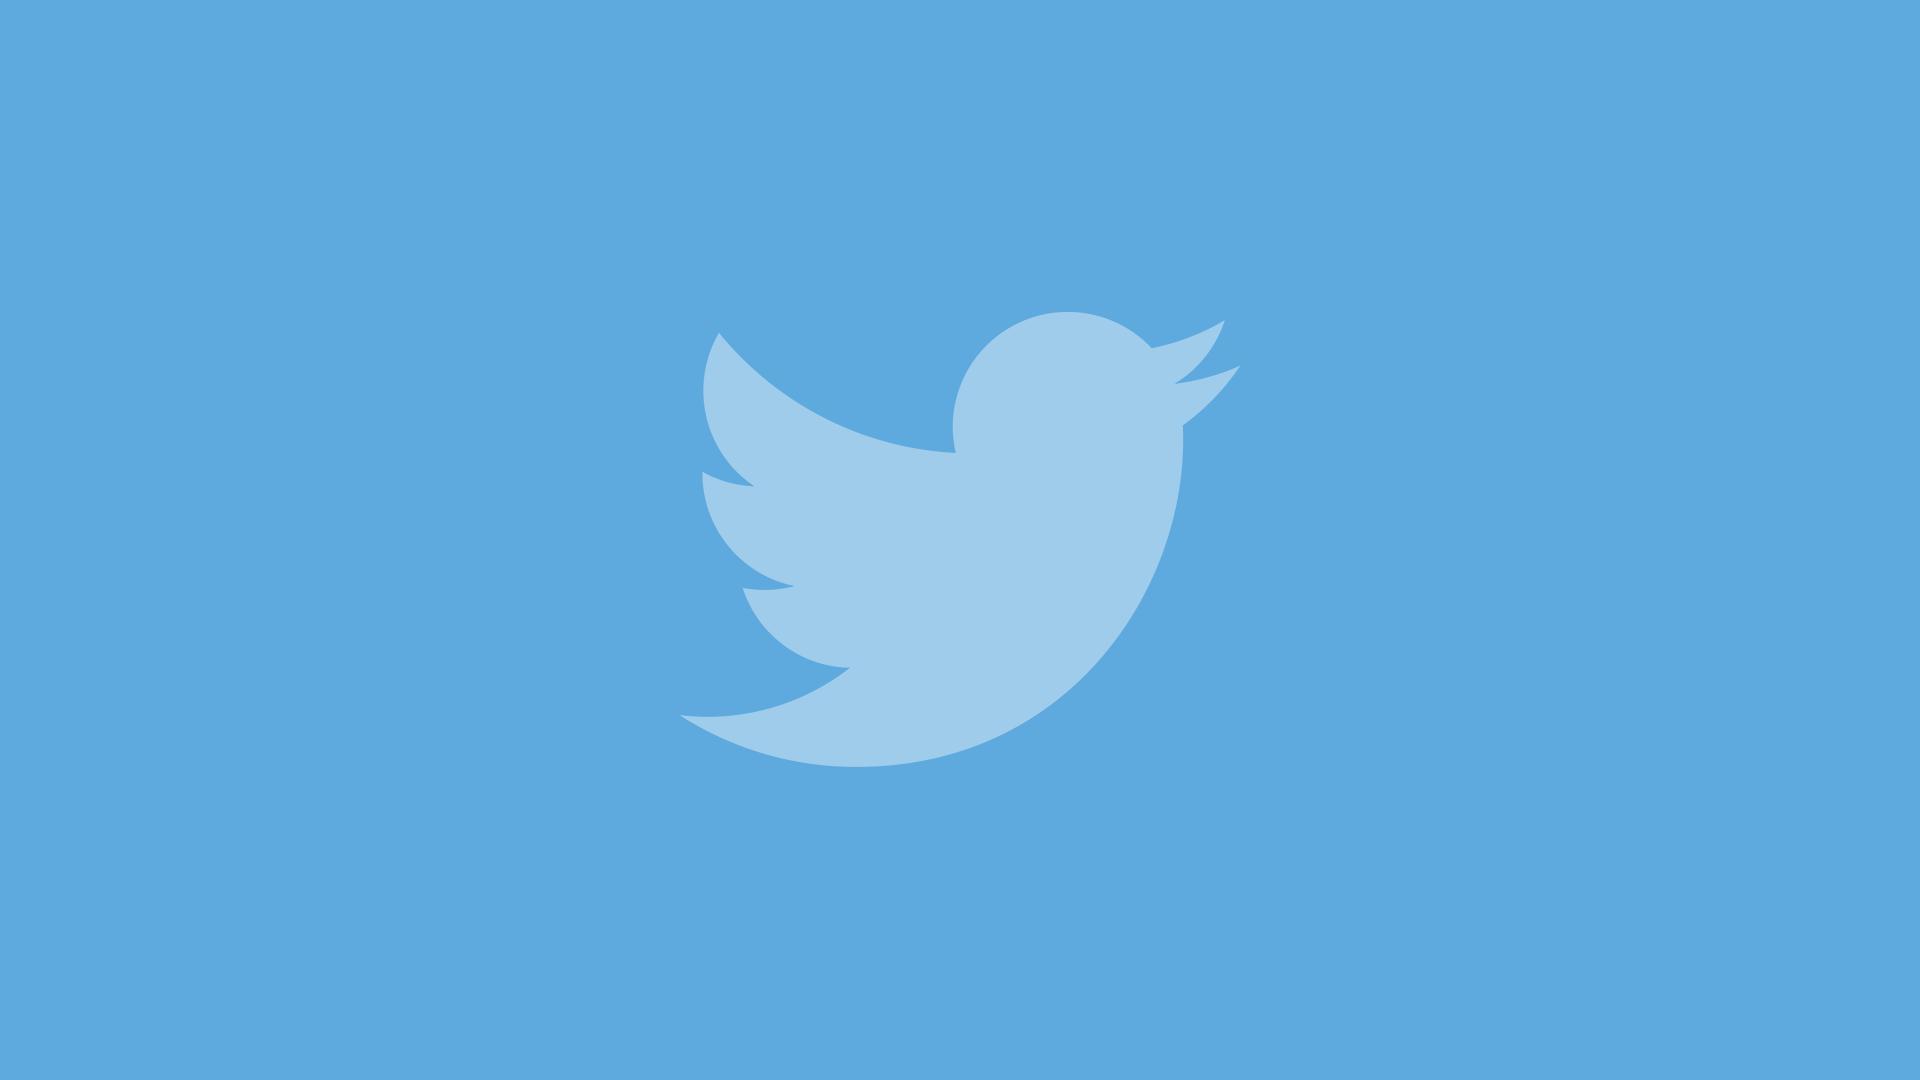 قد تستعيد واجهة برمجة تطبيقات Twitter الجديدة وظائف العميل غير الرسمية